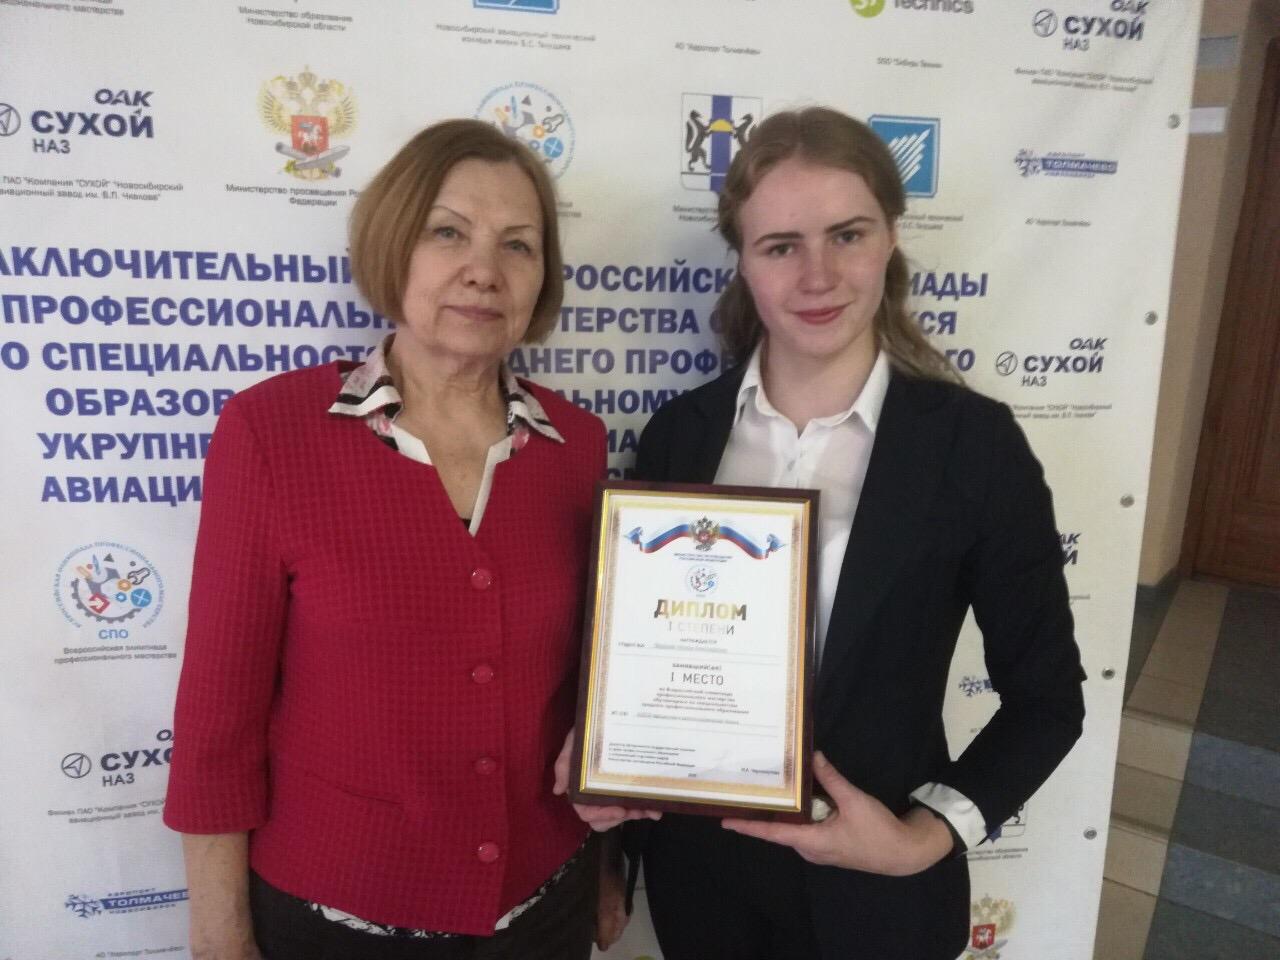 Поздравляем Фёдорову Наталью с победой на Всероссийской олимпиаде профессионального мастерства!